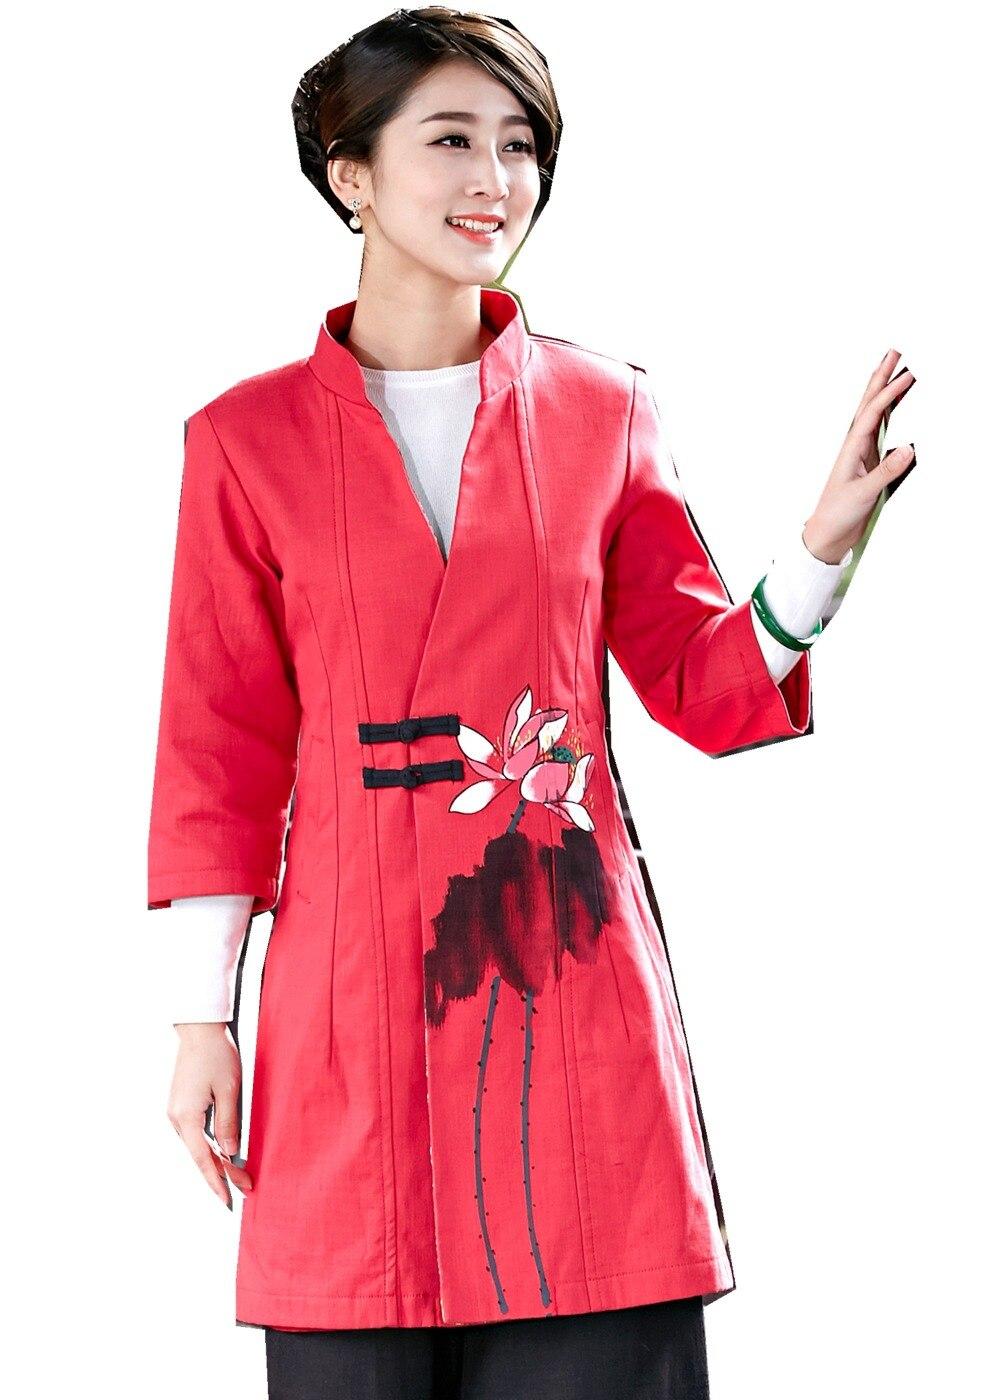 Shanghai Story nouveauté rouge femme bouton bouton veste chinoise classique chinois Tang vêtements lin coton manteau pour les femmes